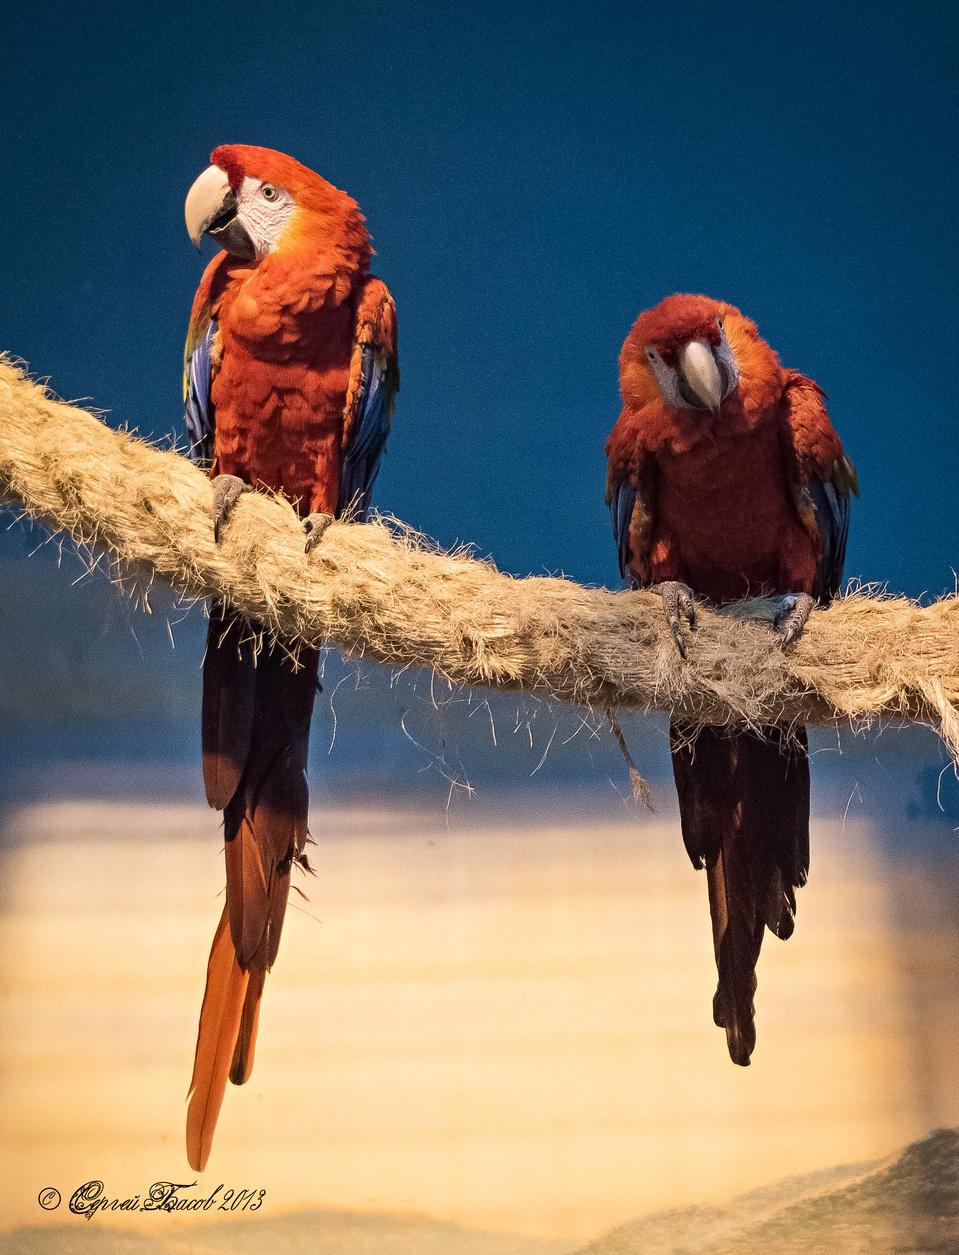 Cute orange parrot